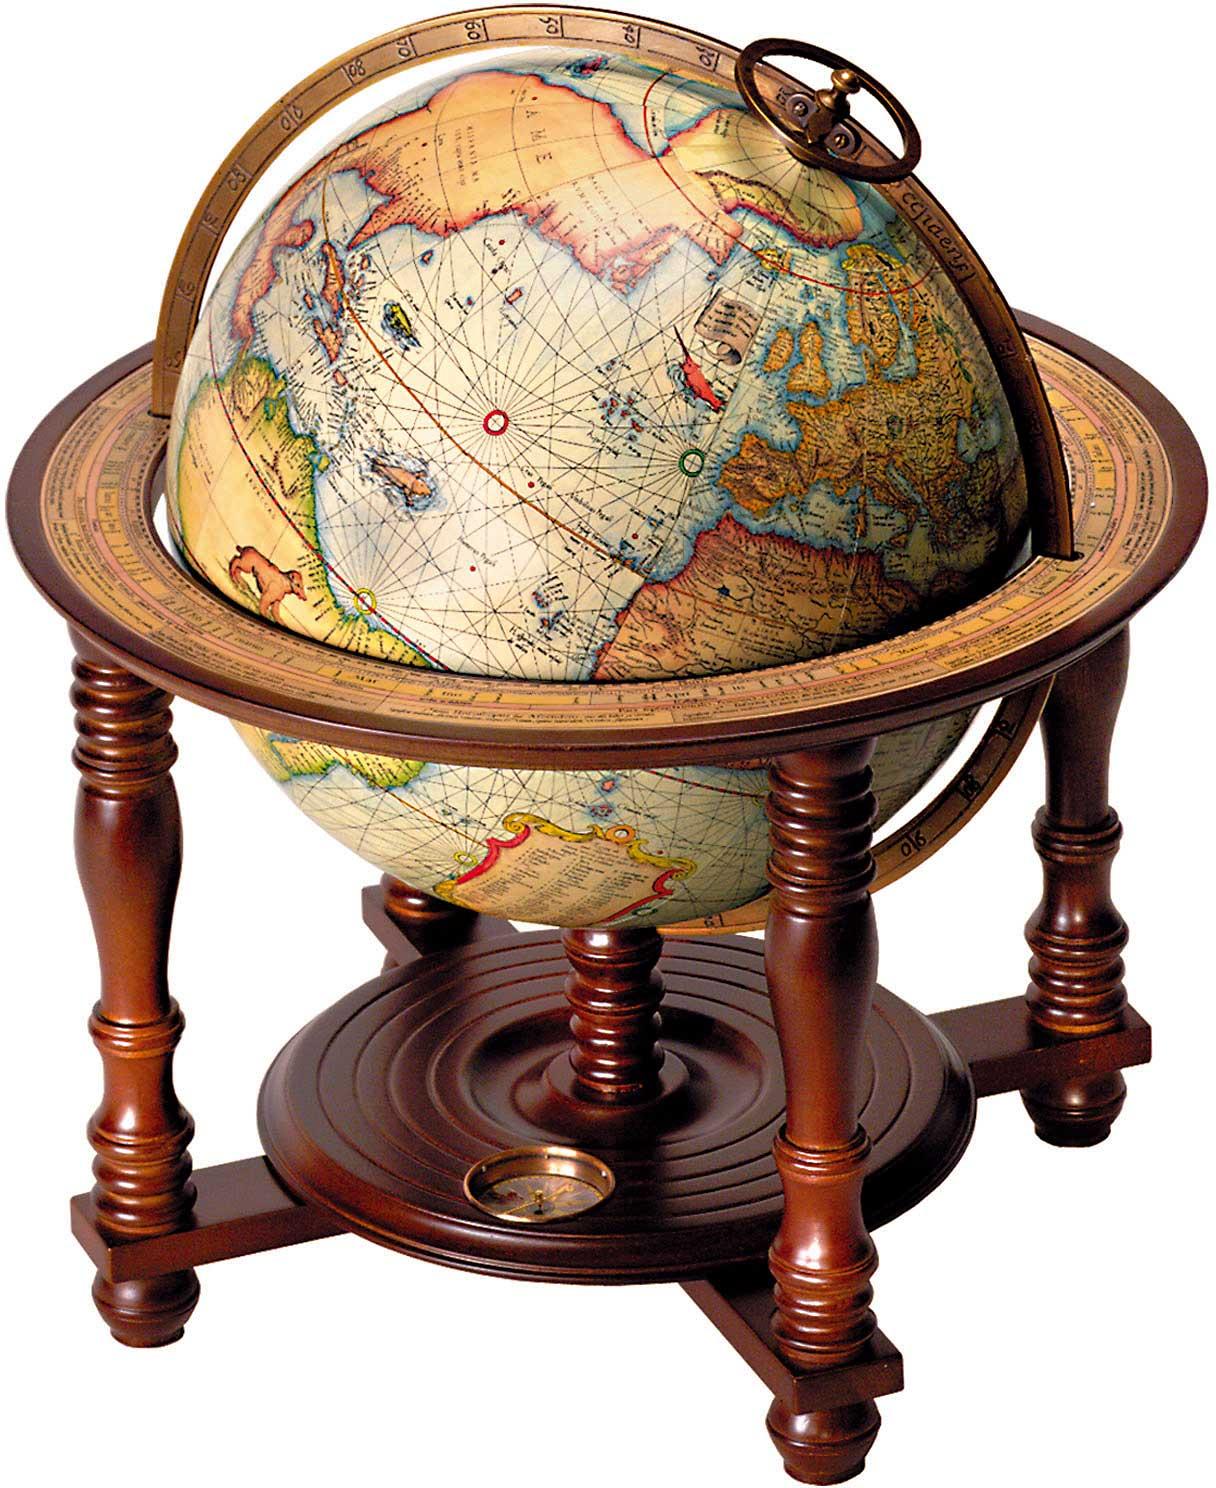 globus antik mercator von 1541 reproduktion oder alter globus. Black Bedroom Furniture Sets. Home Design Ideas